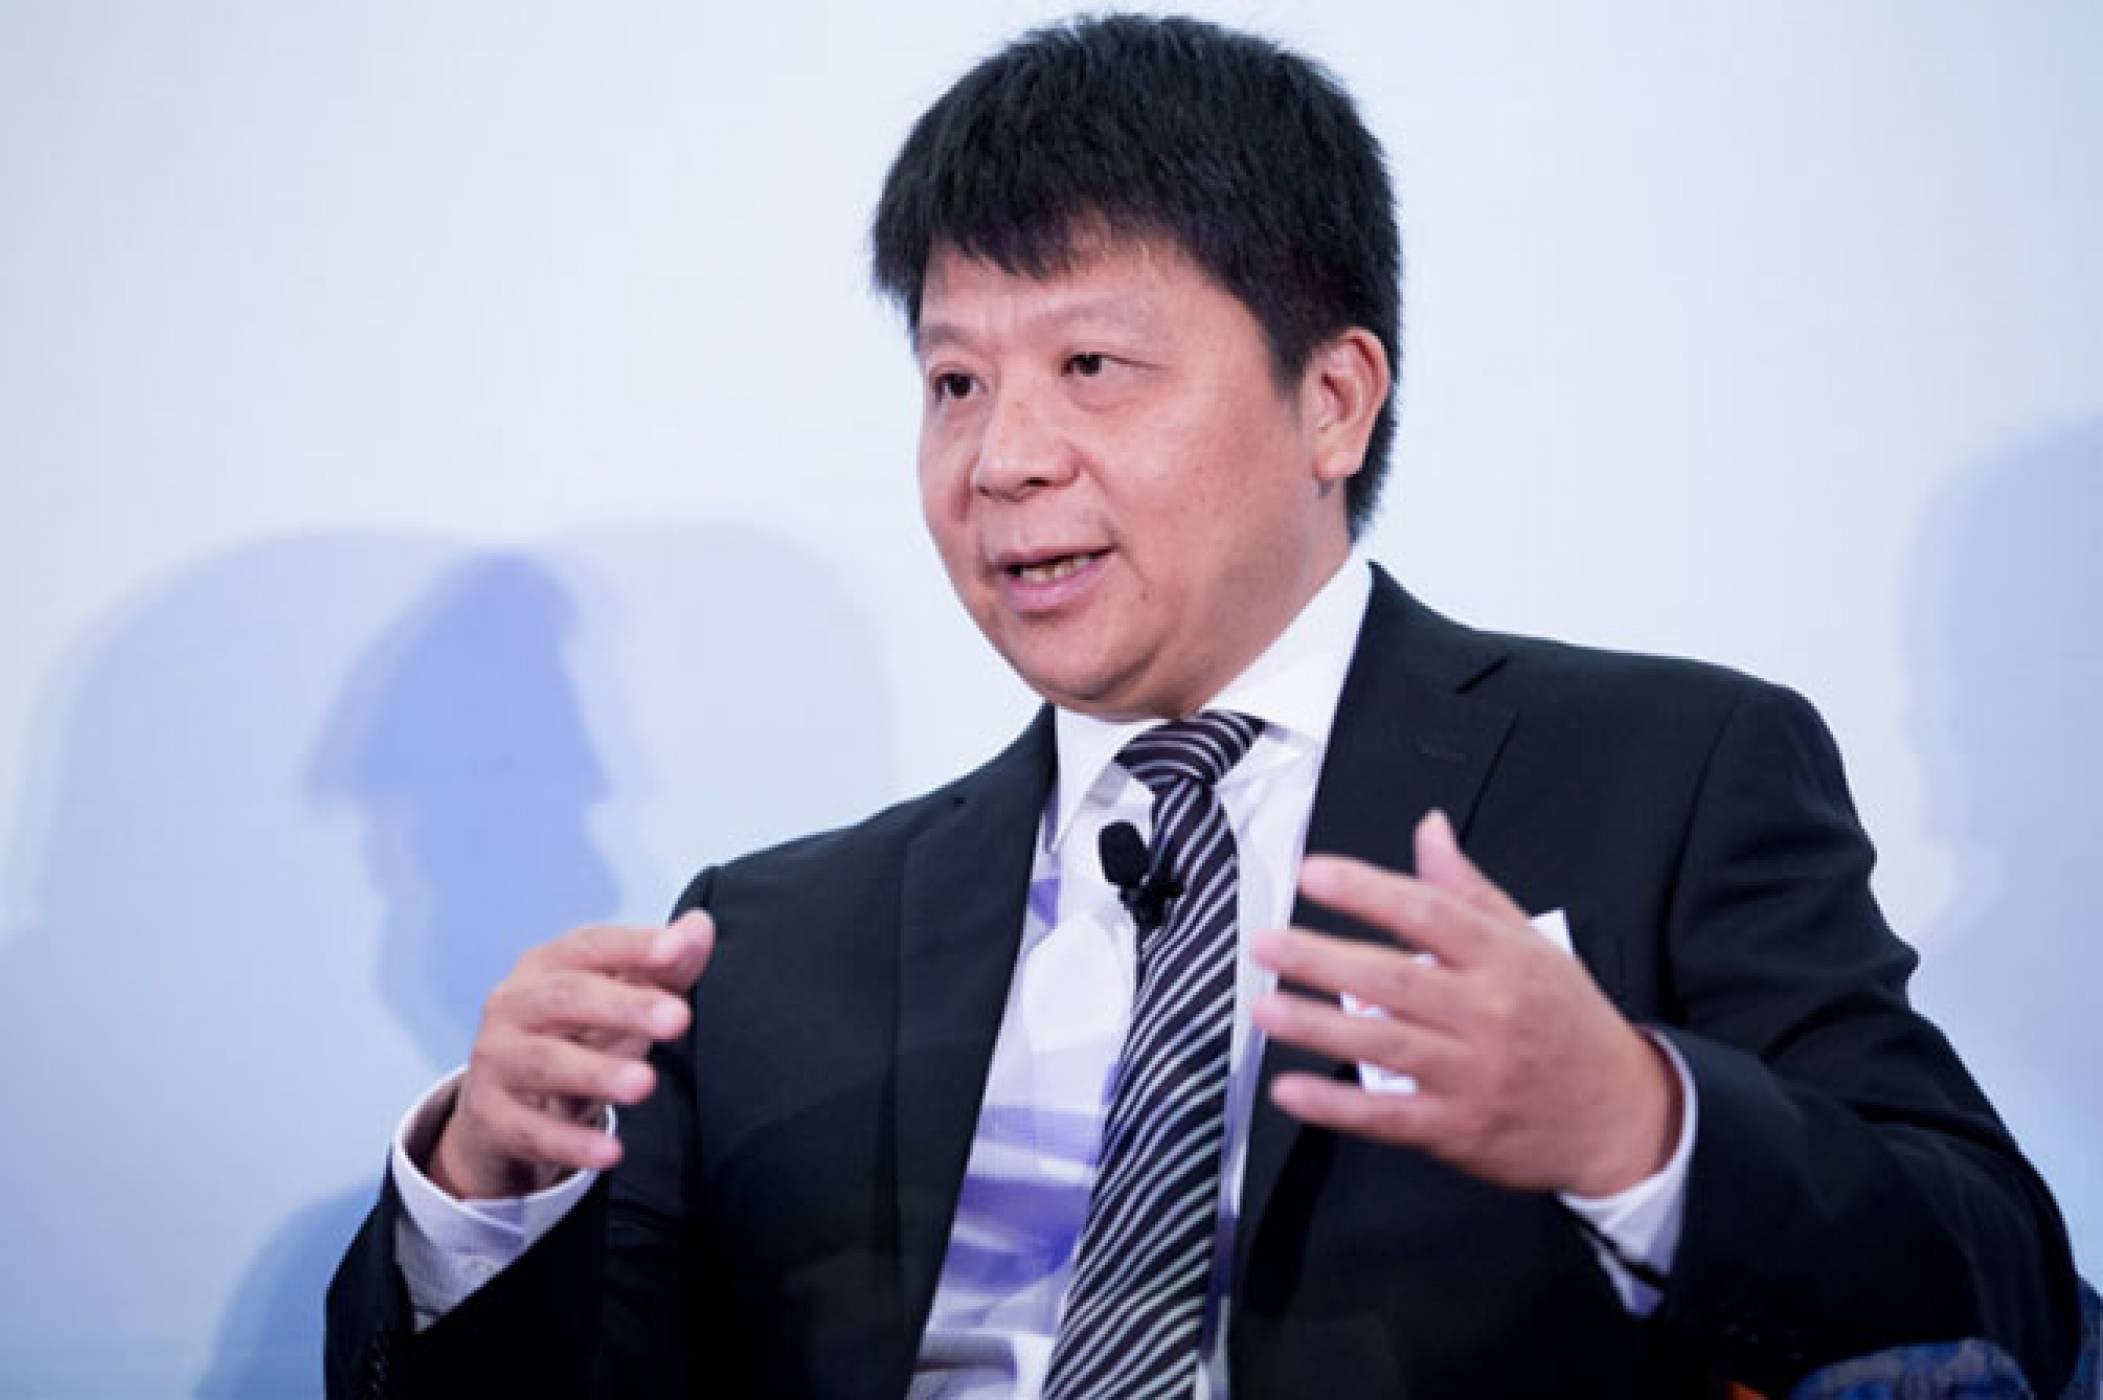 Ексклузивно интервю с Гуо Пинг ще излъчи Bloomberg на 20 май